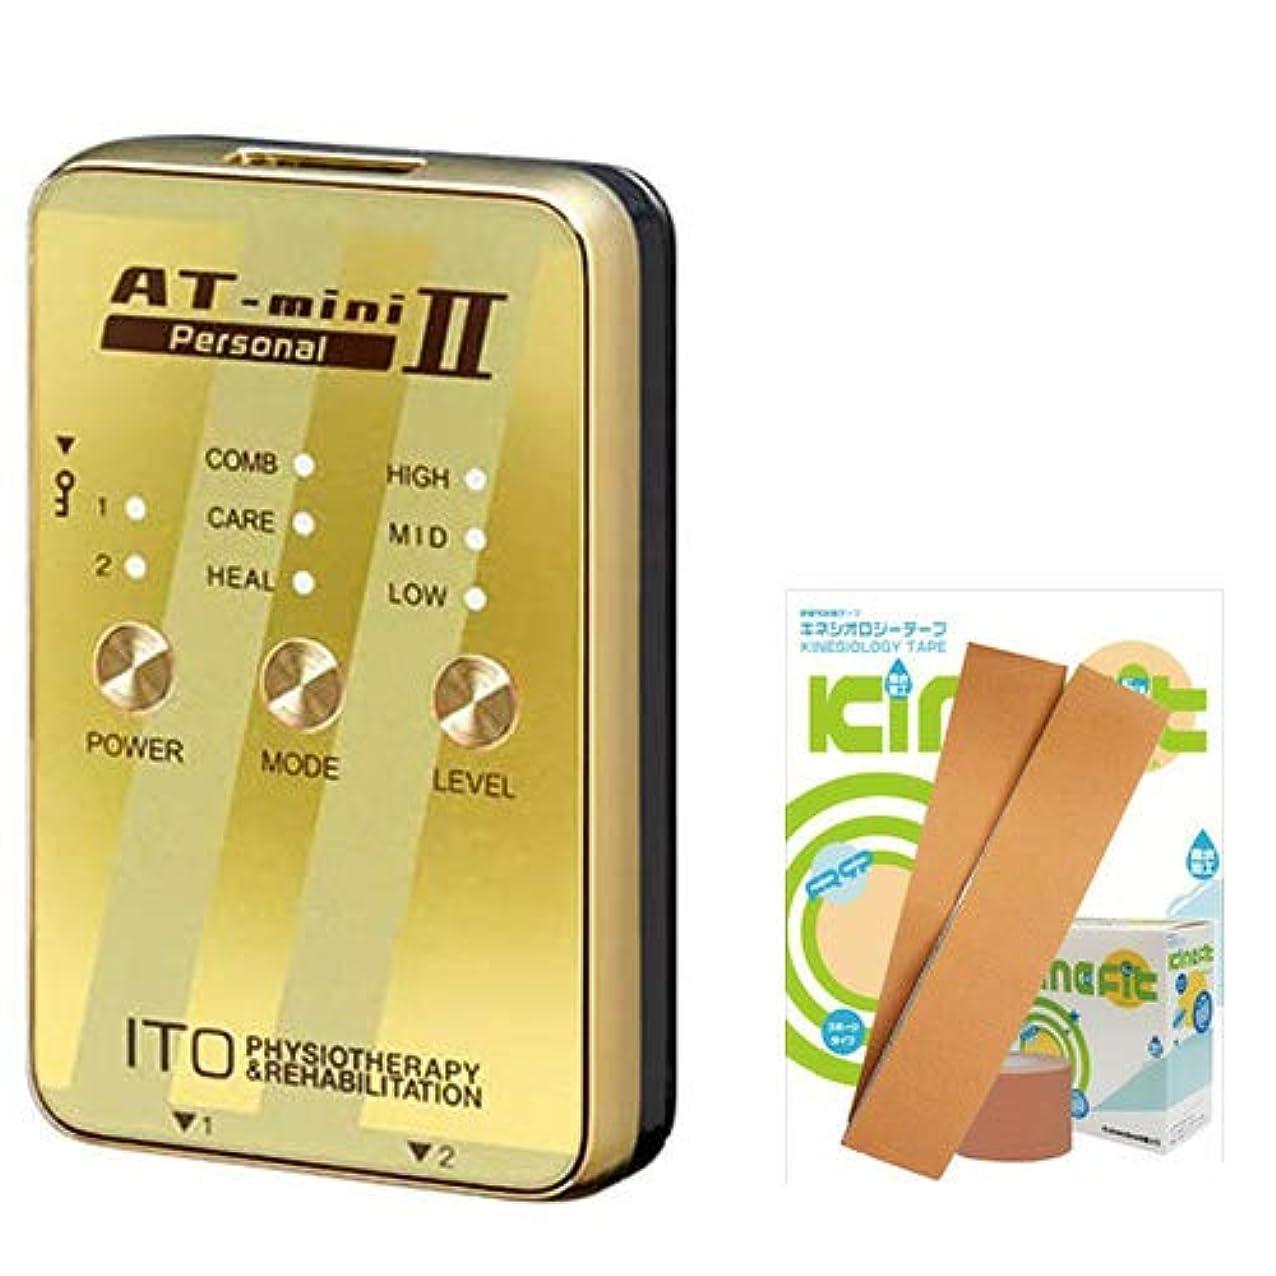 一元化する毒ナンセンス低周波治療器 AT-mini personal II ゴールド (ATミニパーソナル2) +キネフィットテープ50cmセット